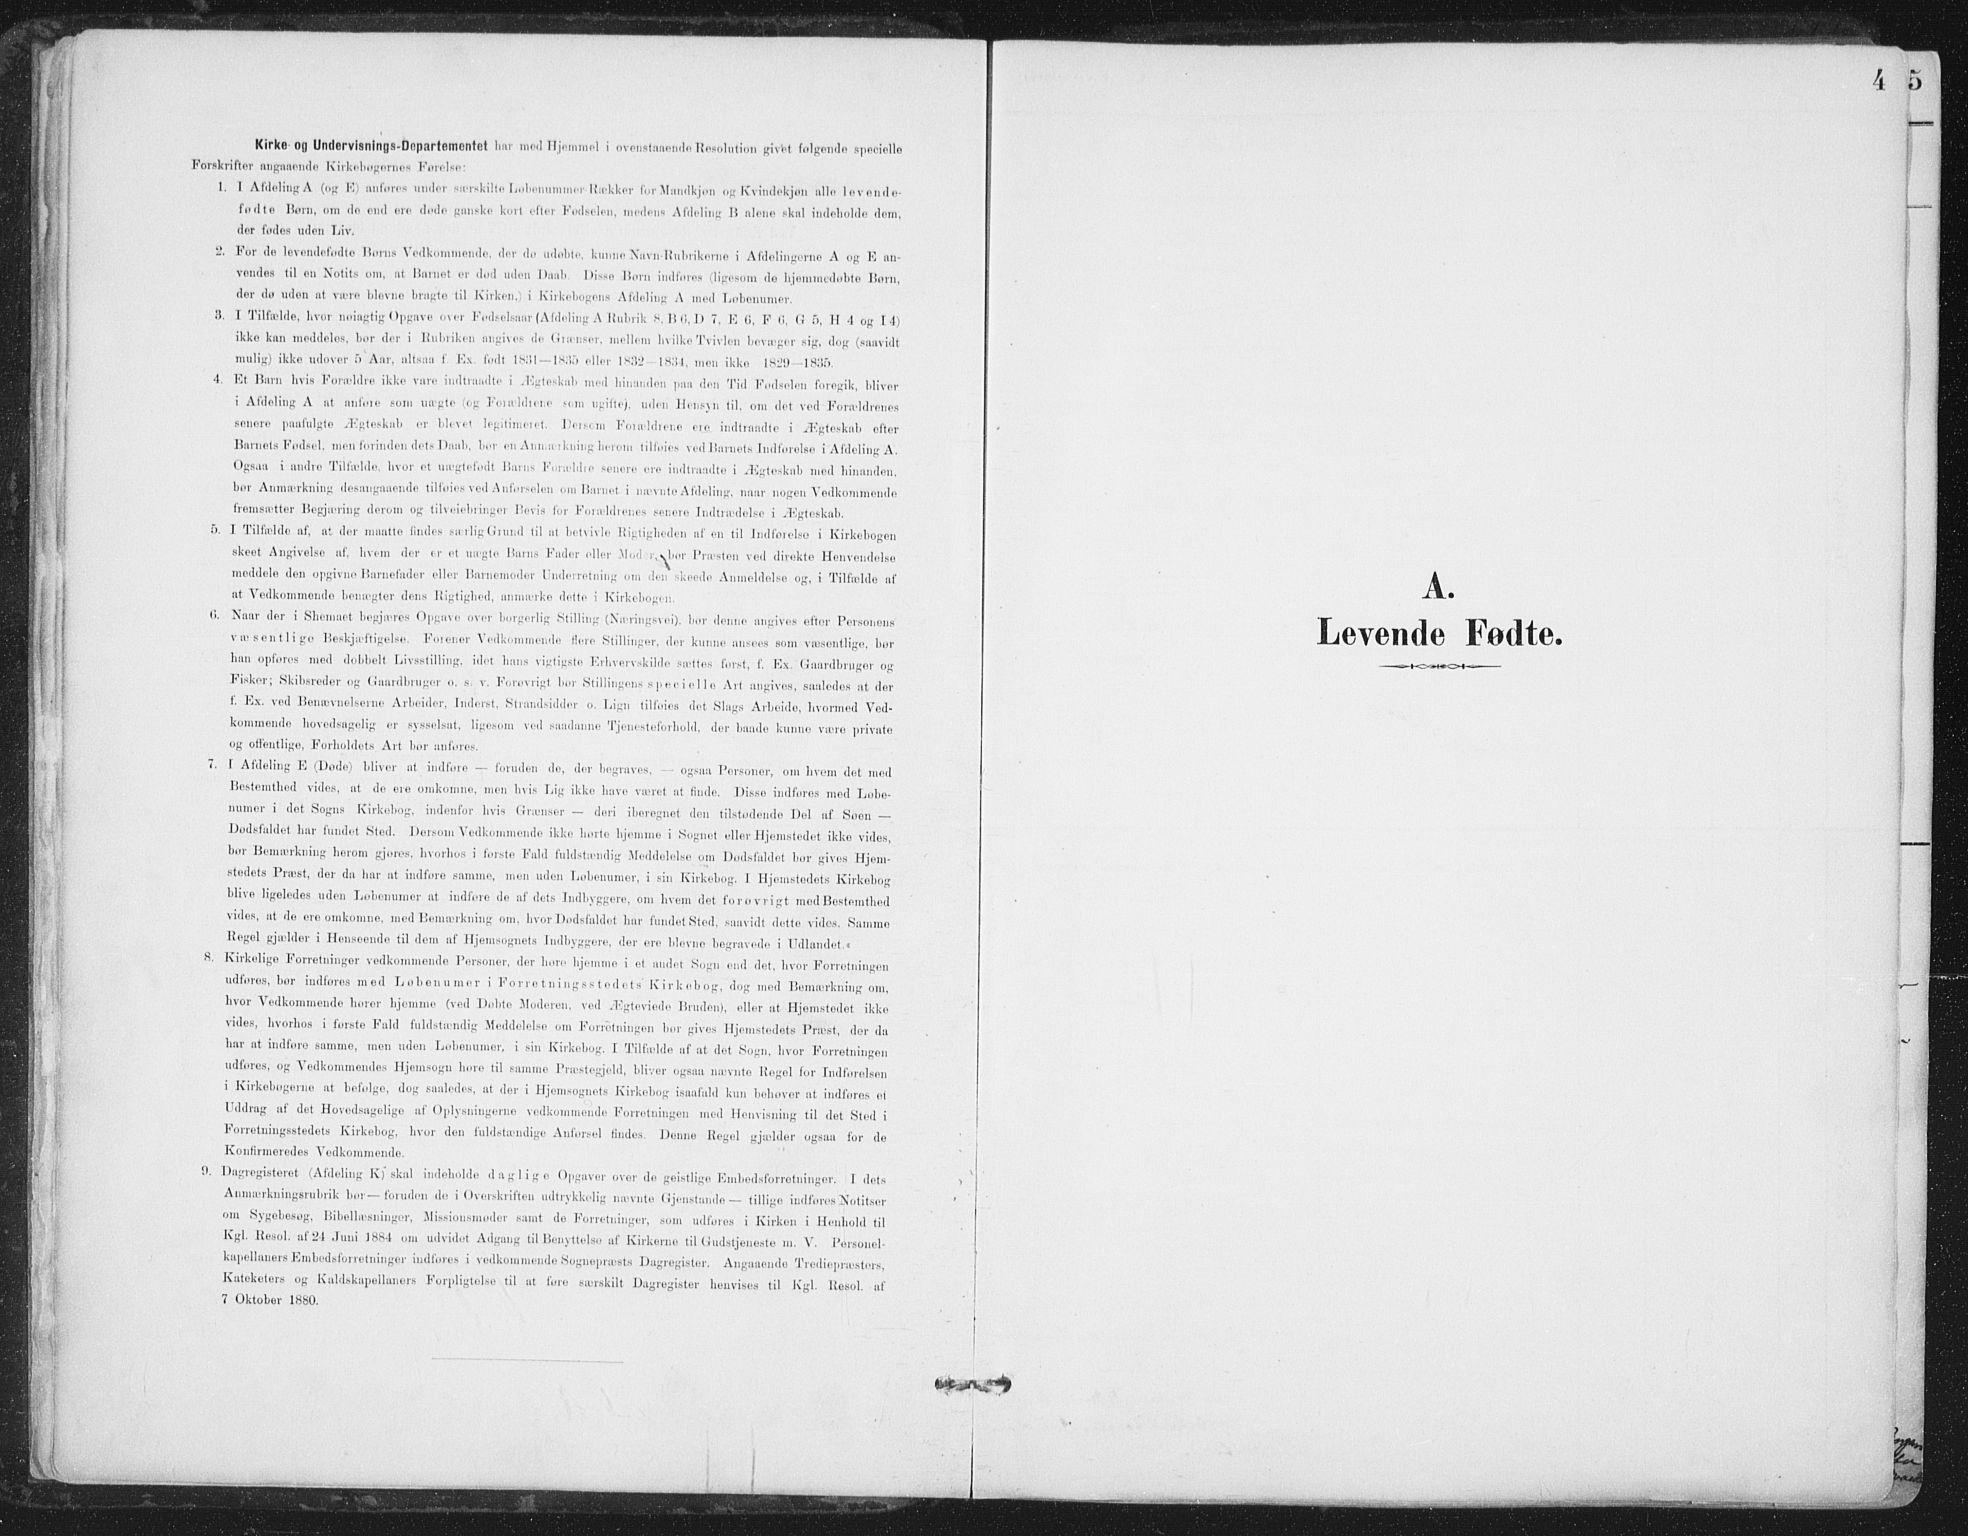 SAT, Ministerialprotokoller, klokkerbøker og fødselsregistre - Nord-Trøndelag, 786/L0687: Ministerialbok nr. 786A03, 1888-1898, s. 4